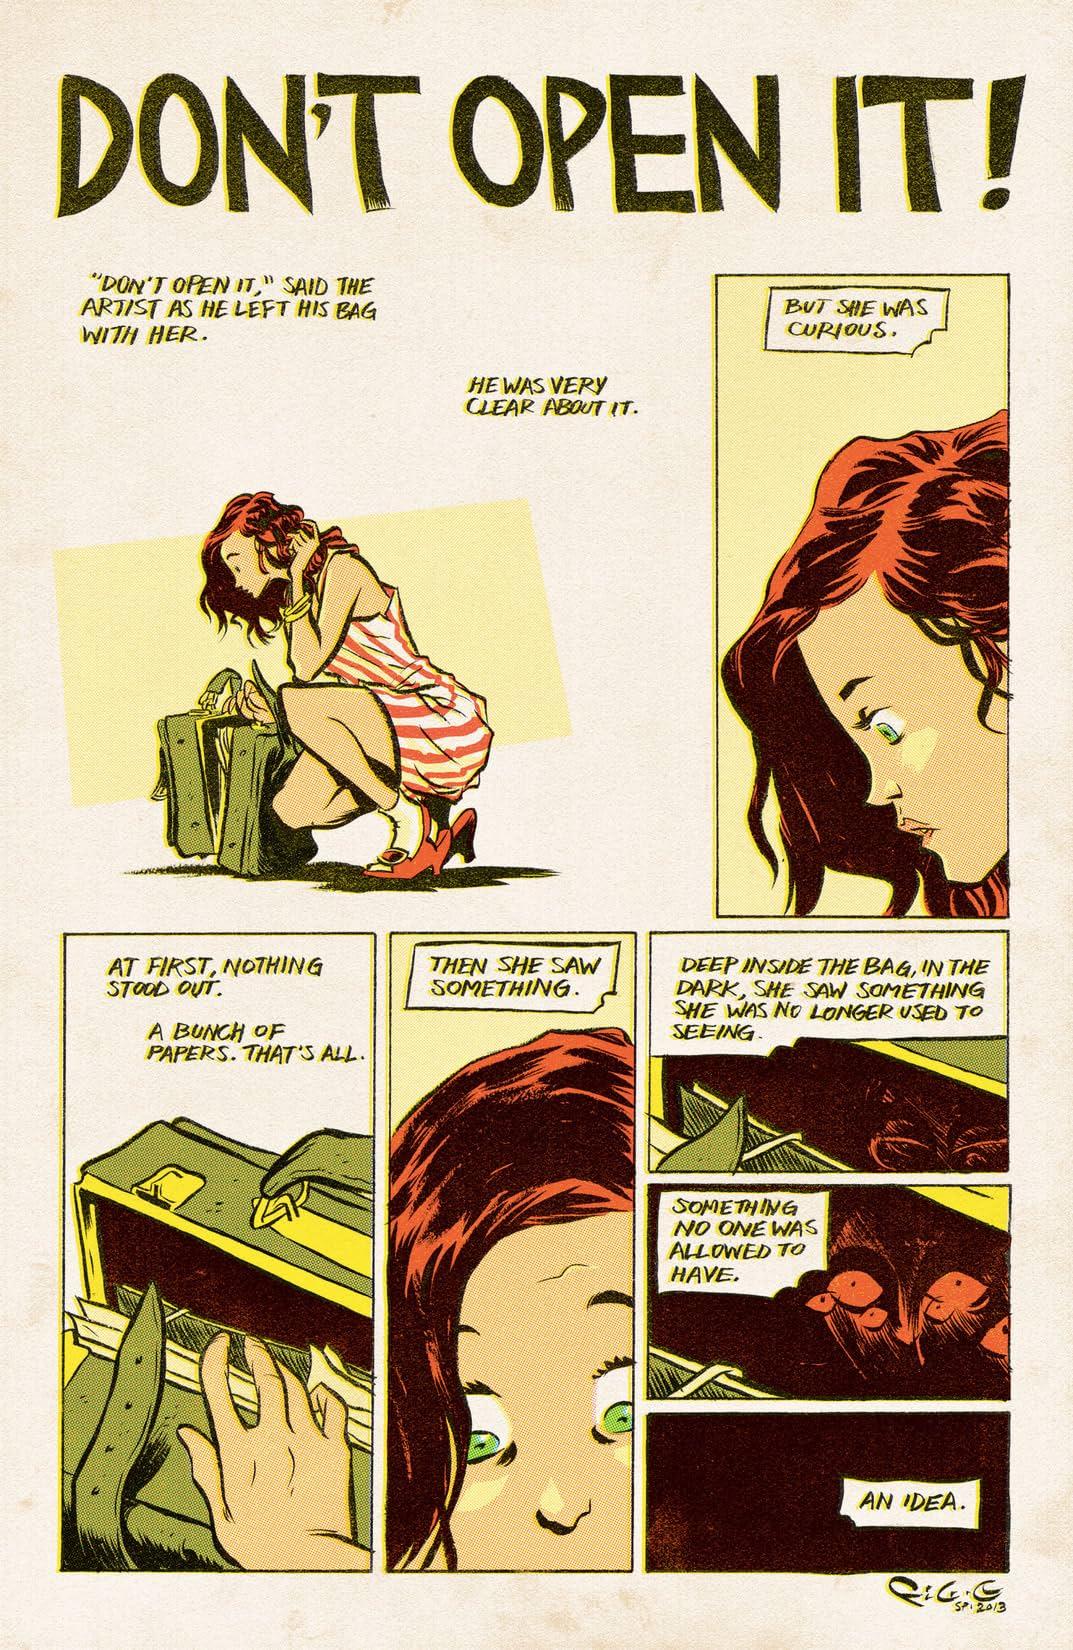 Liberty Comics: A CBLDF Benefit Book #6